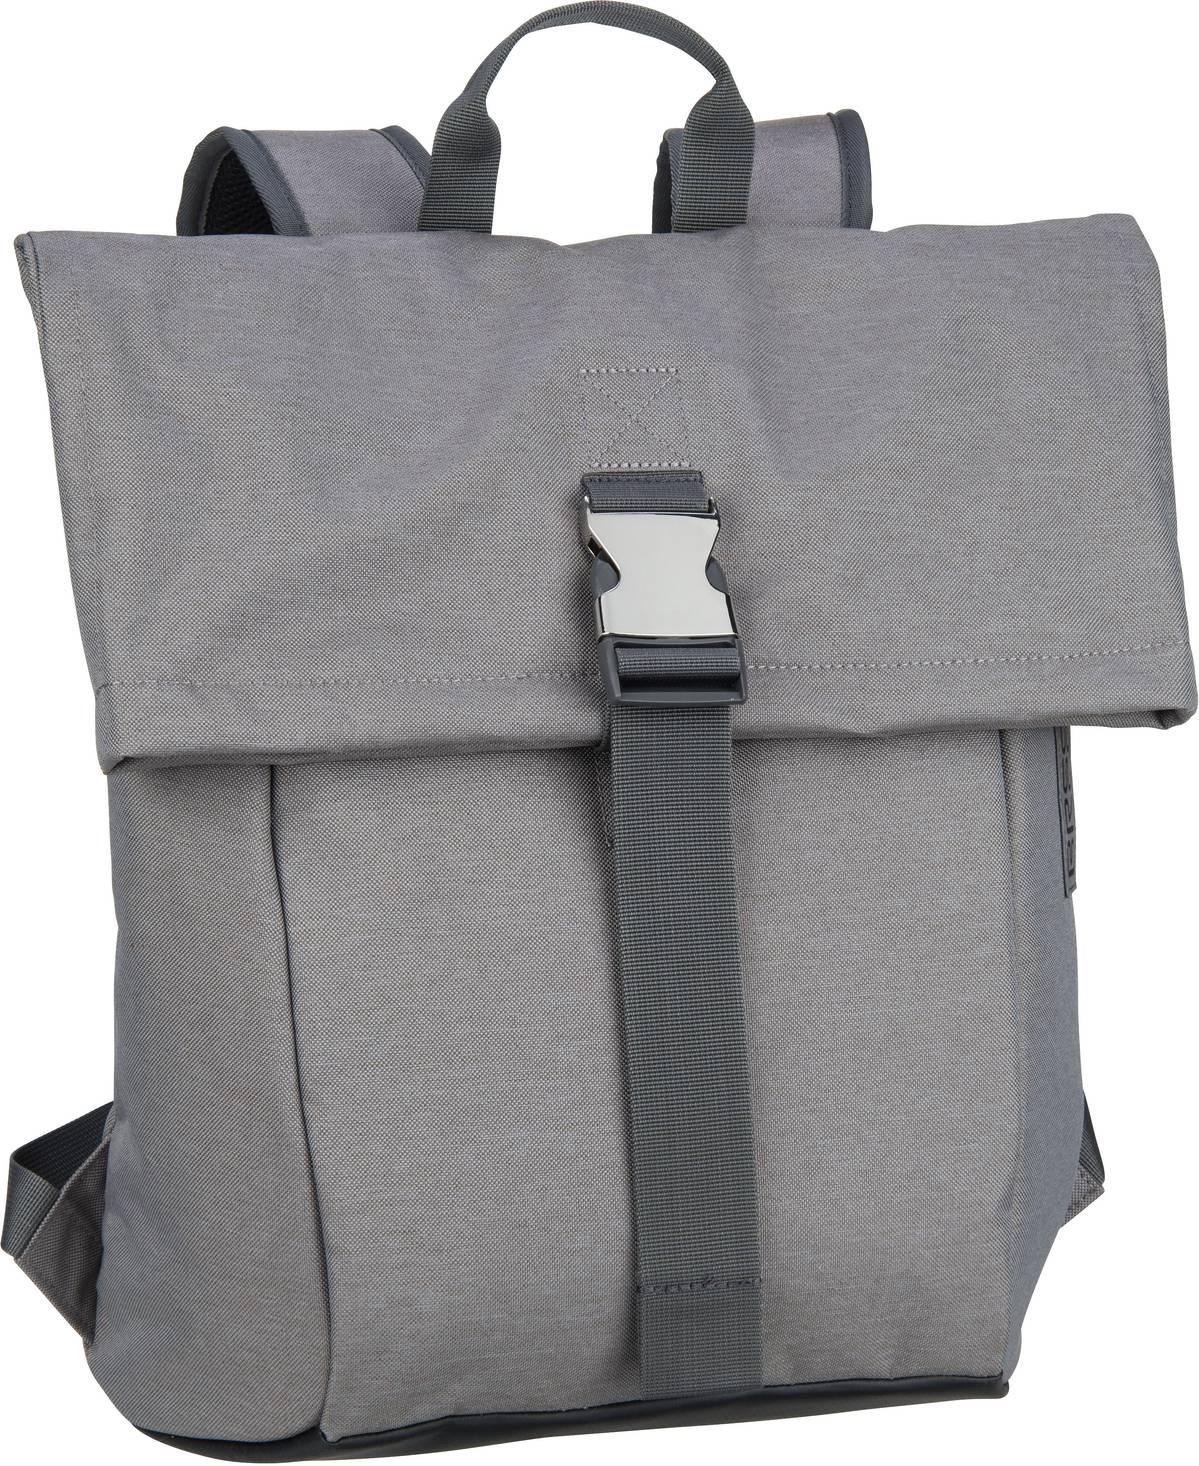 Rucksack / Daypack Punch Style 92 Grey Denim (13 Liter)